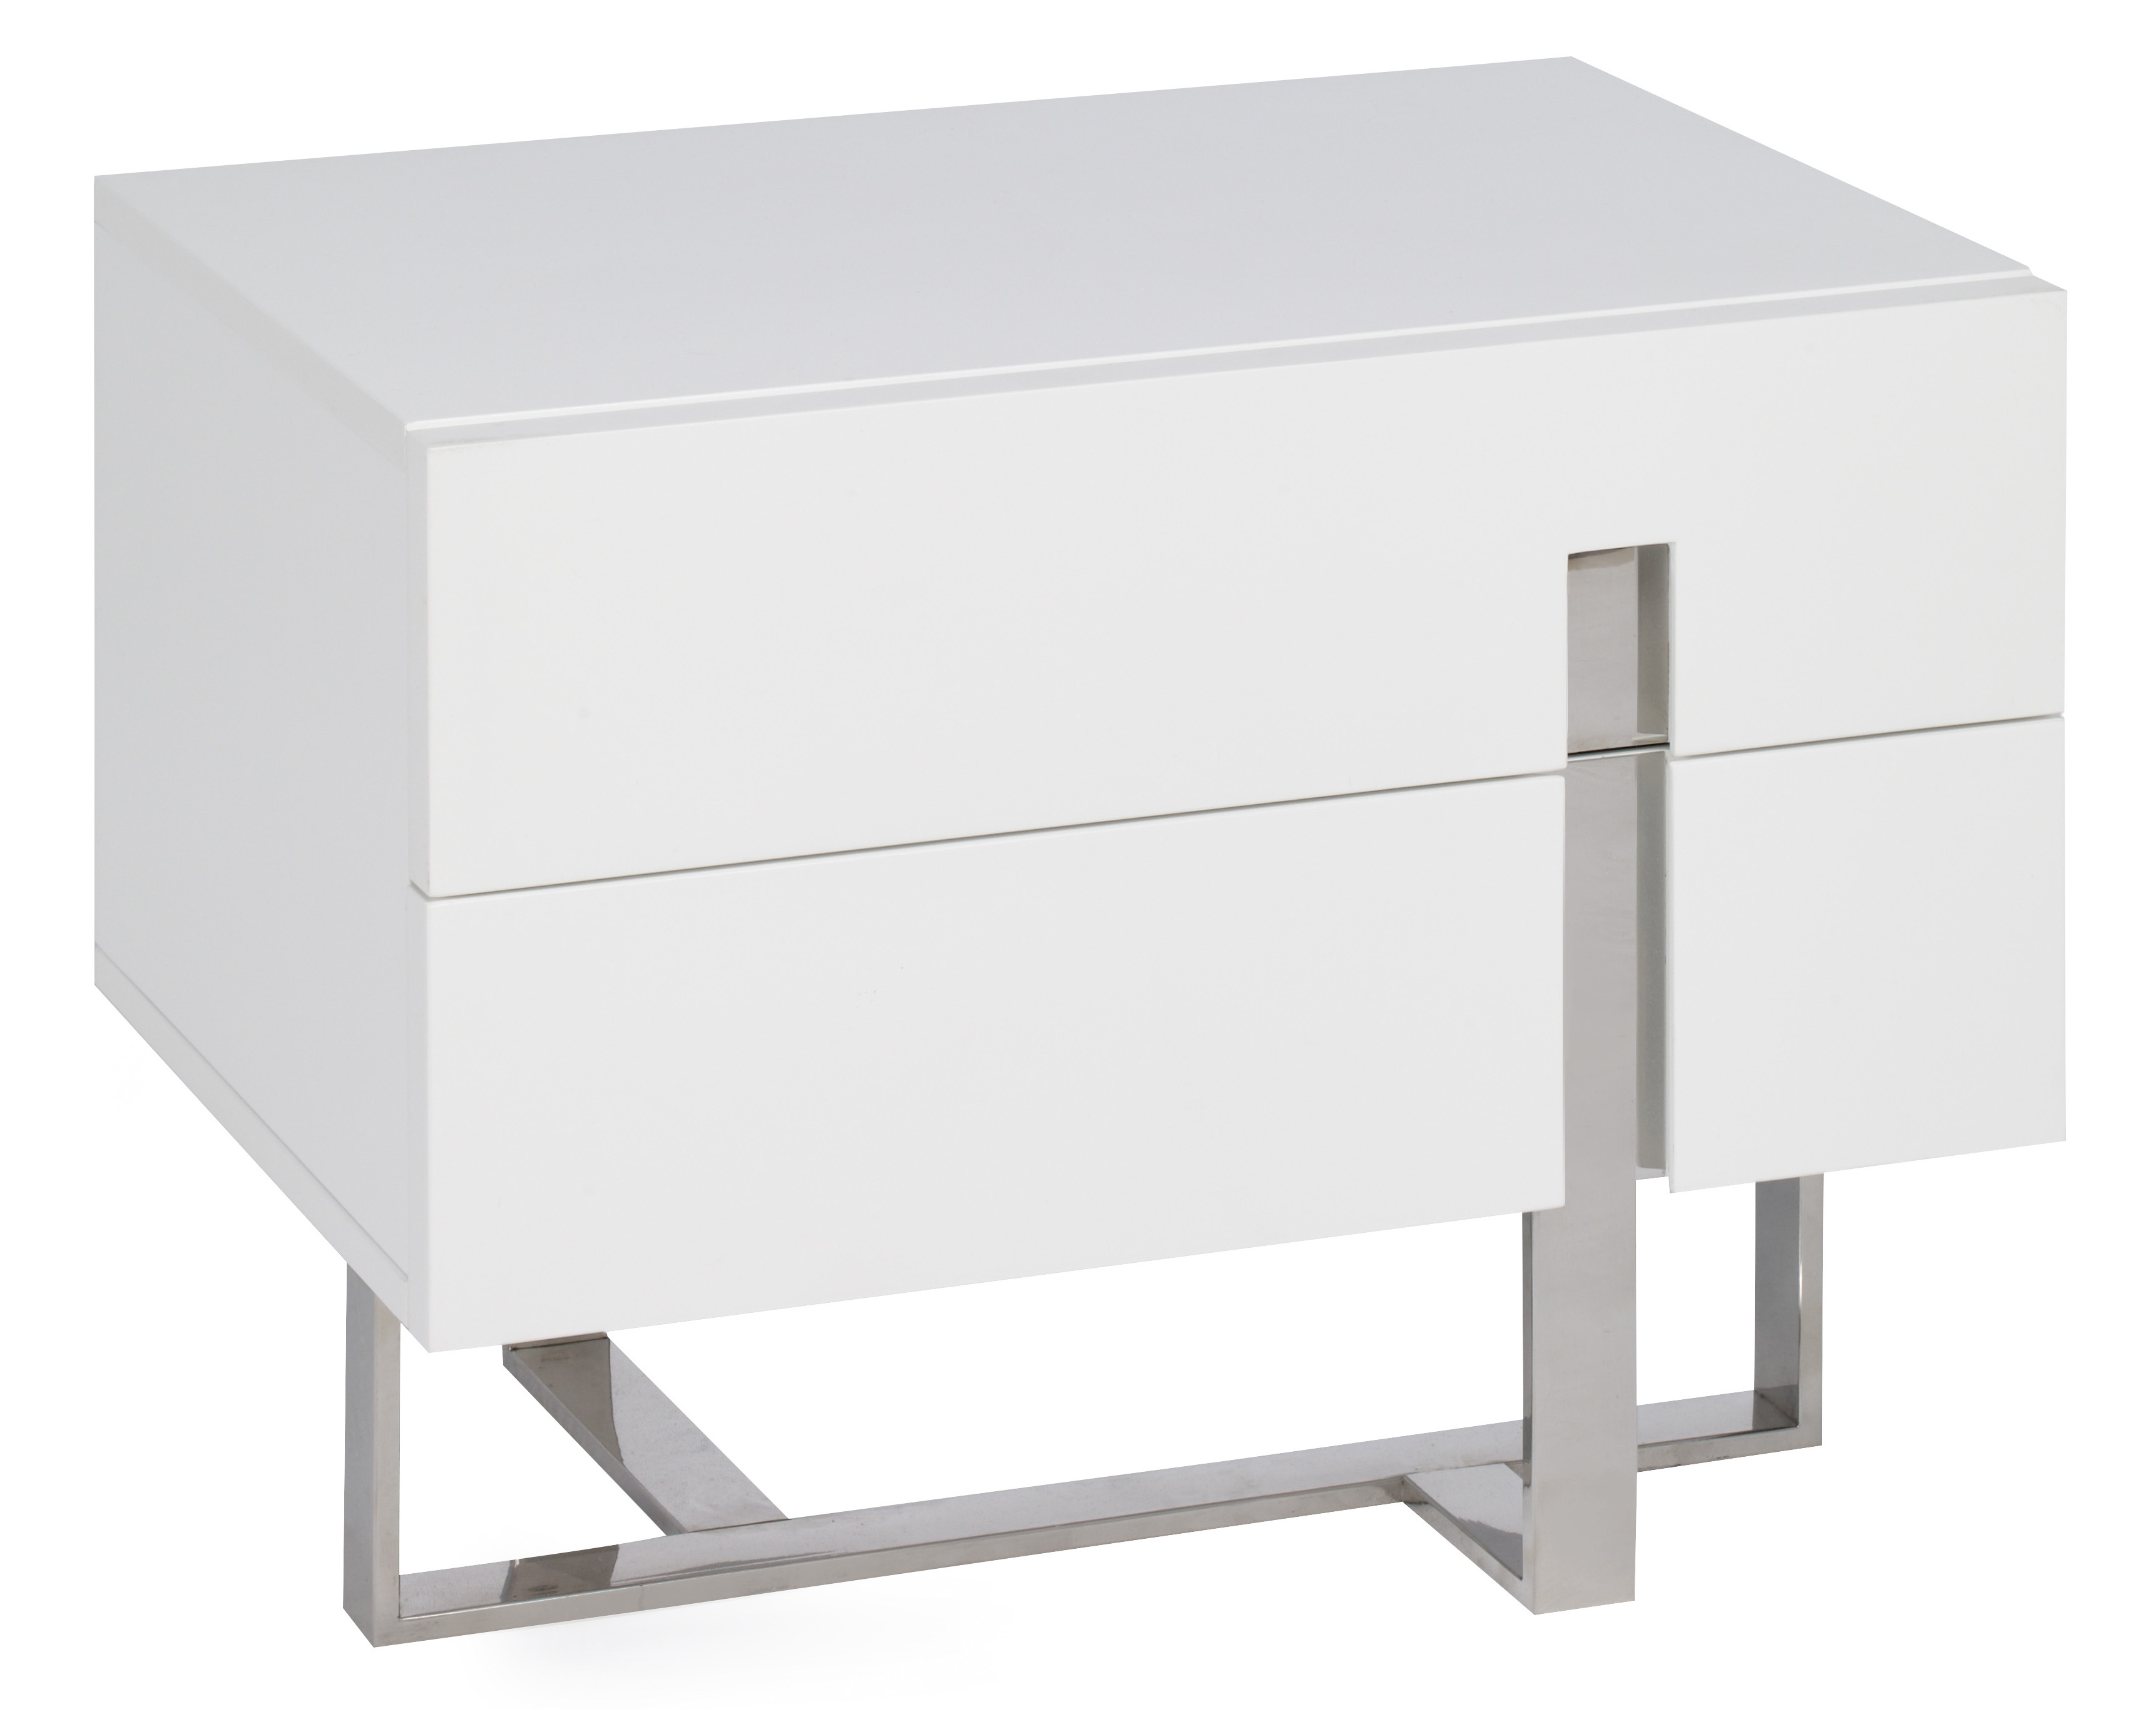 table de chevet design blanc design en image - Table De Chevet Laque Blanc Brillant